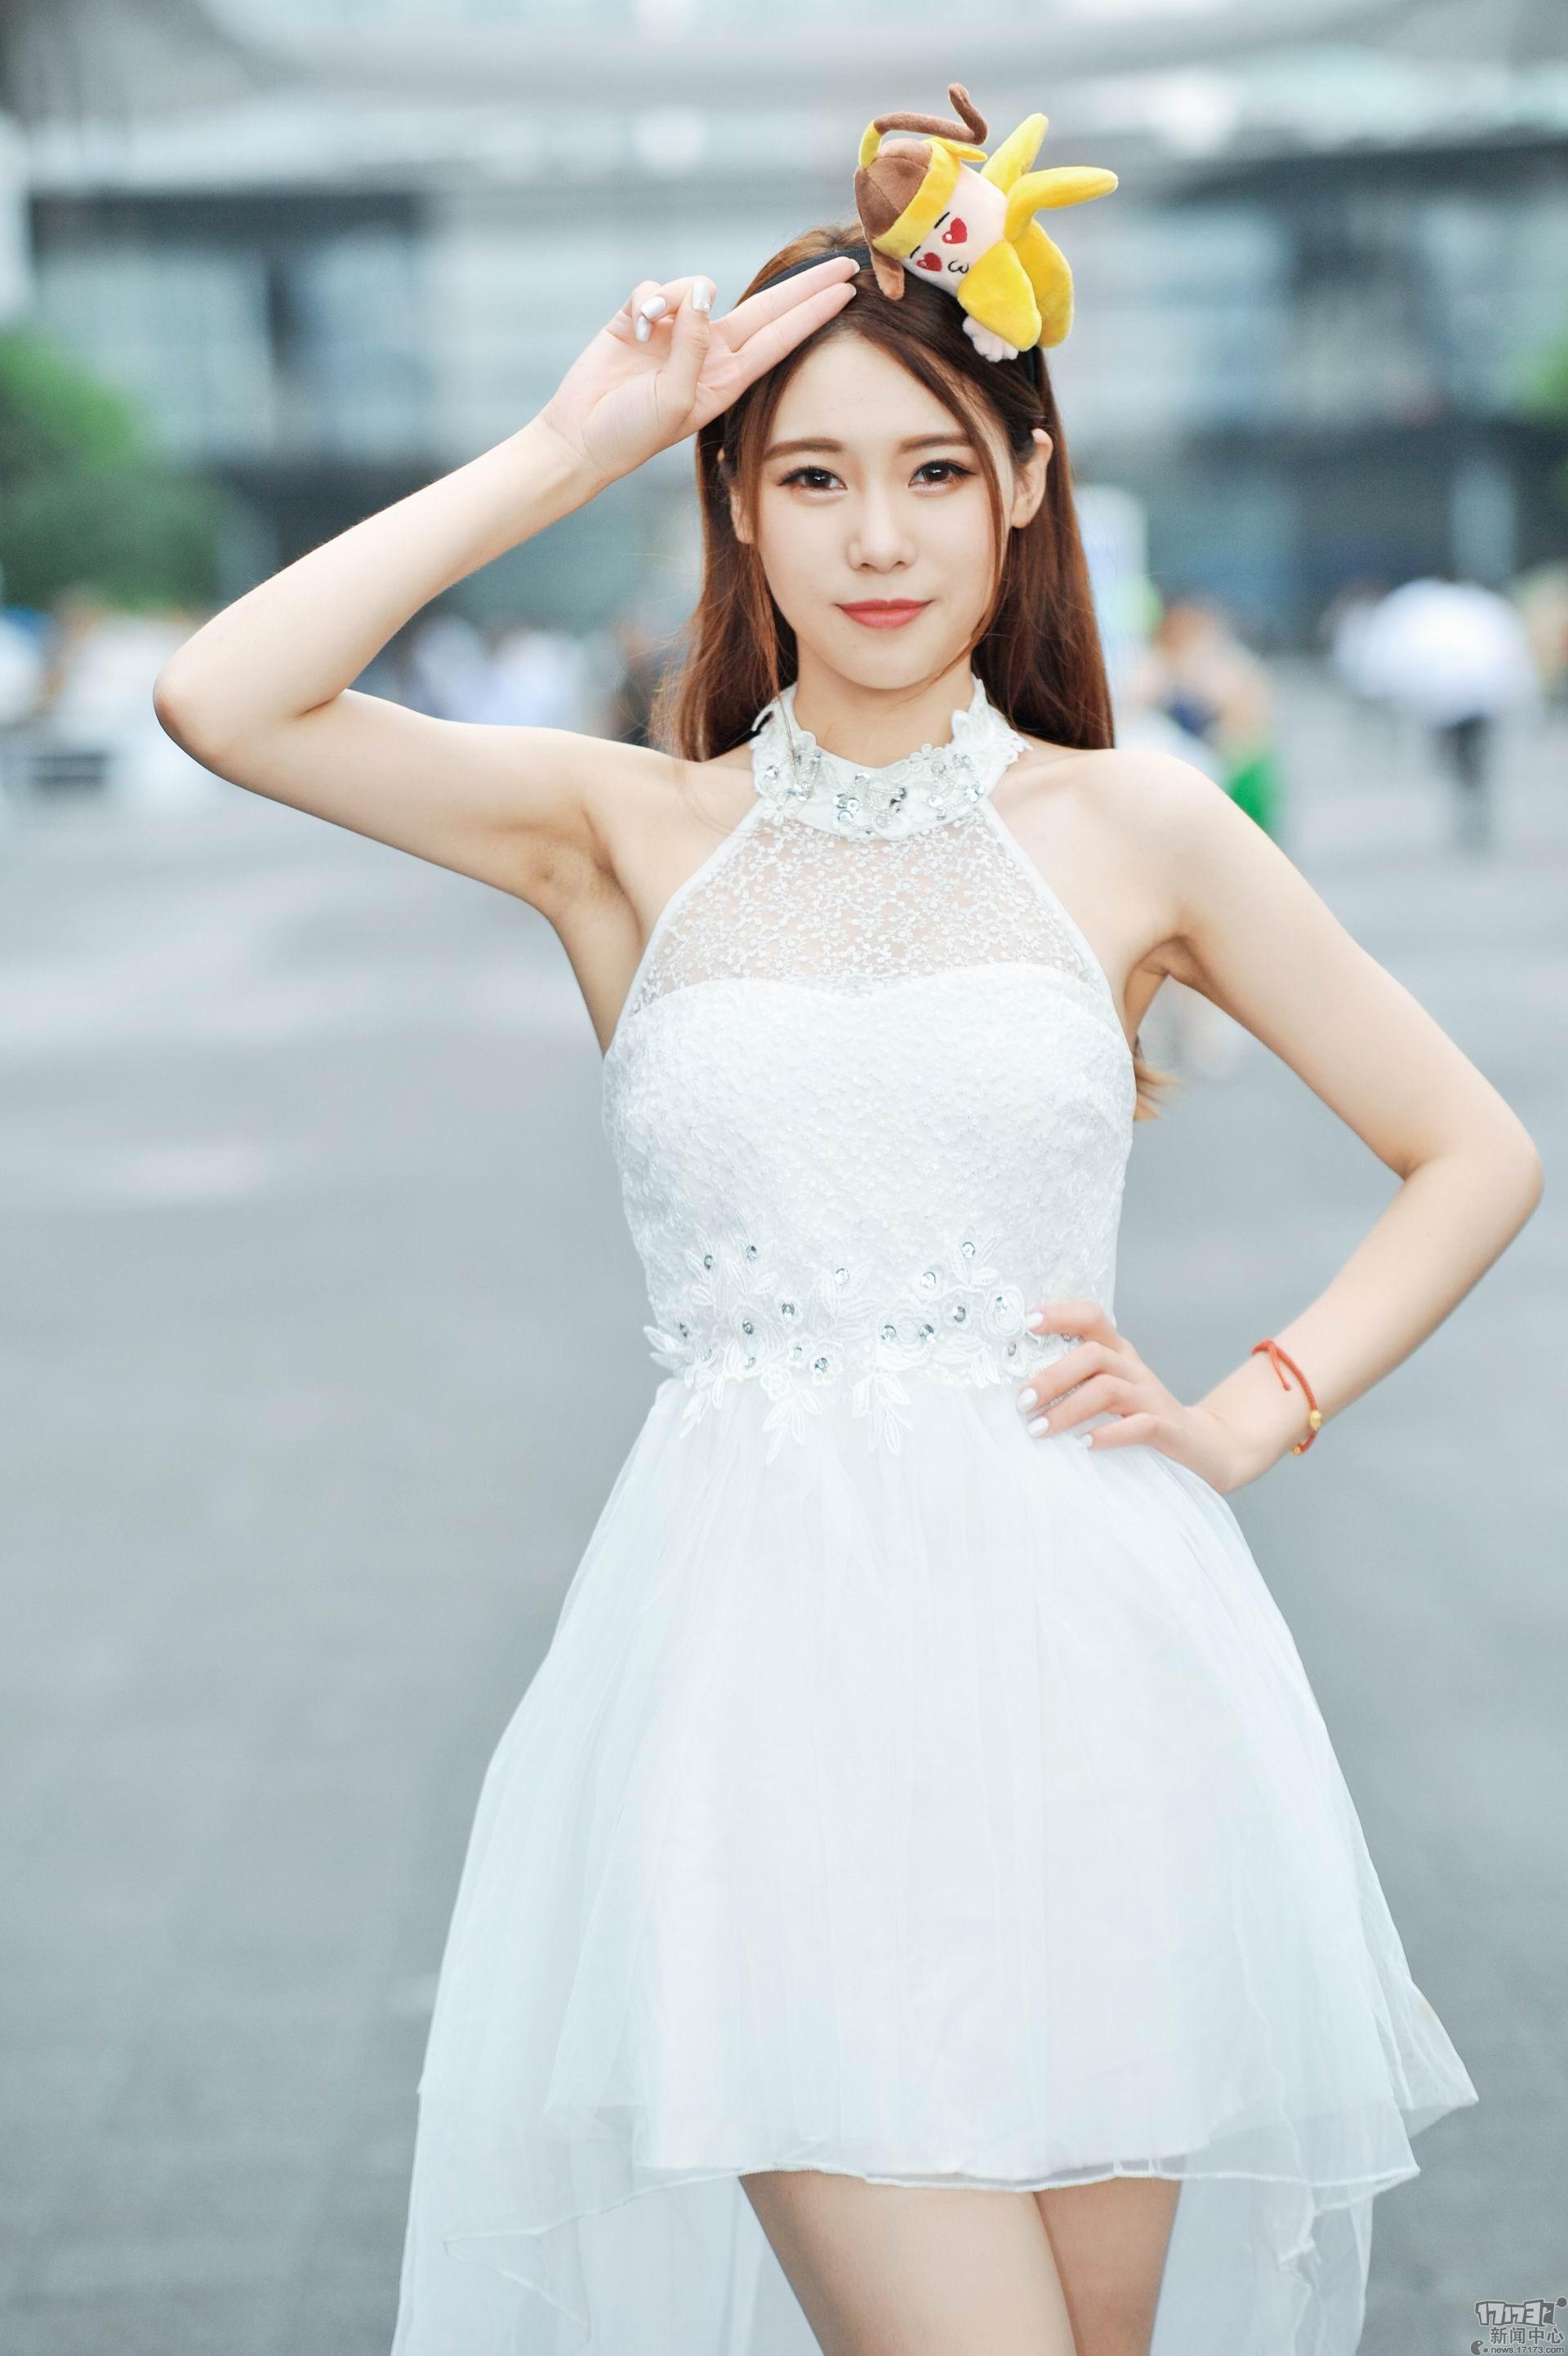 Chiêm ngưỡng loạt showgirl cực quyến rũ tại ChinaJoy 2016 - Ảnh _39